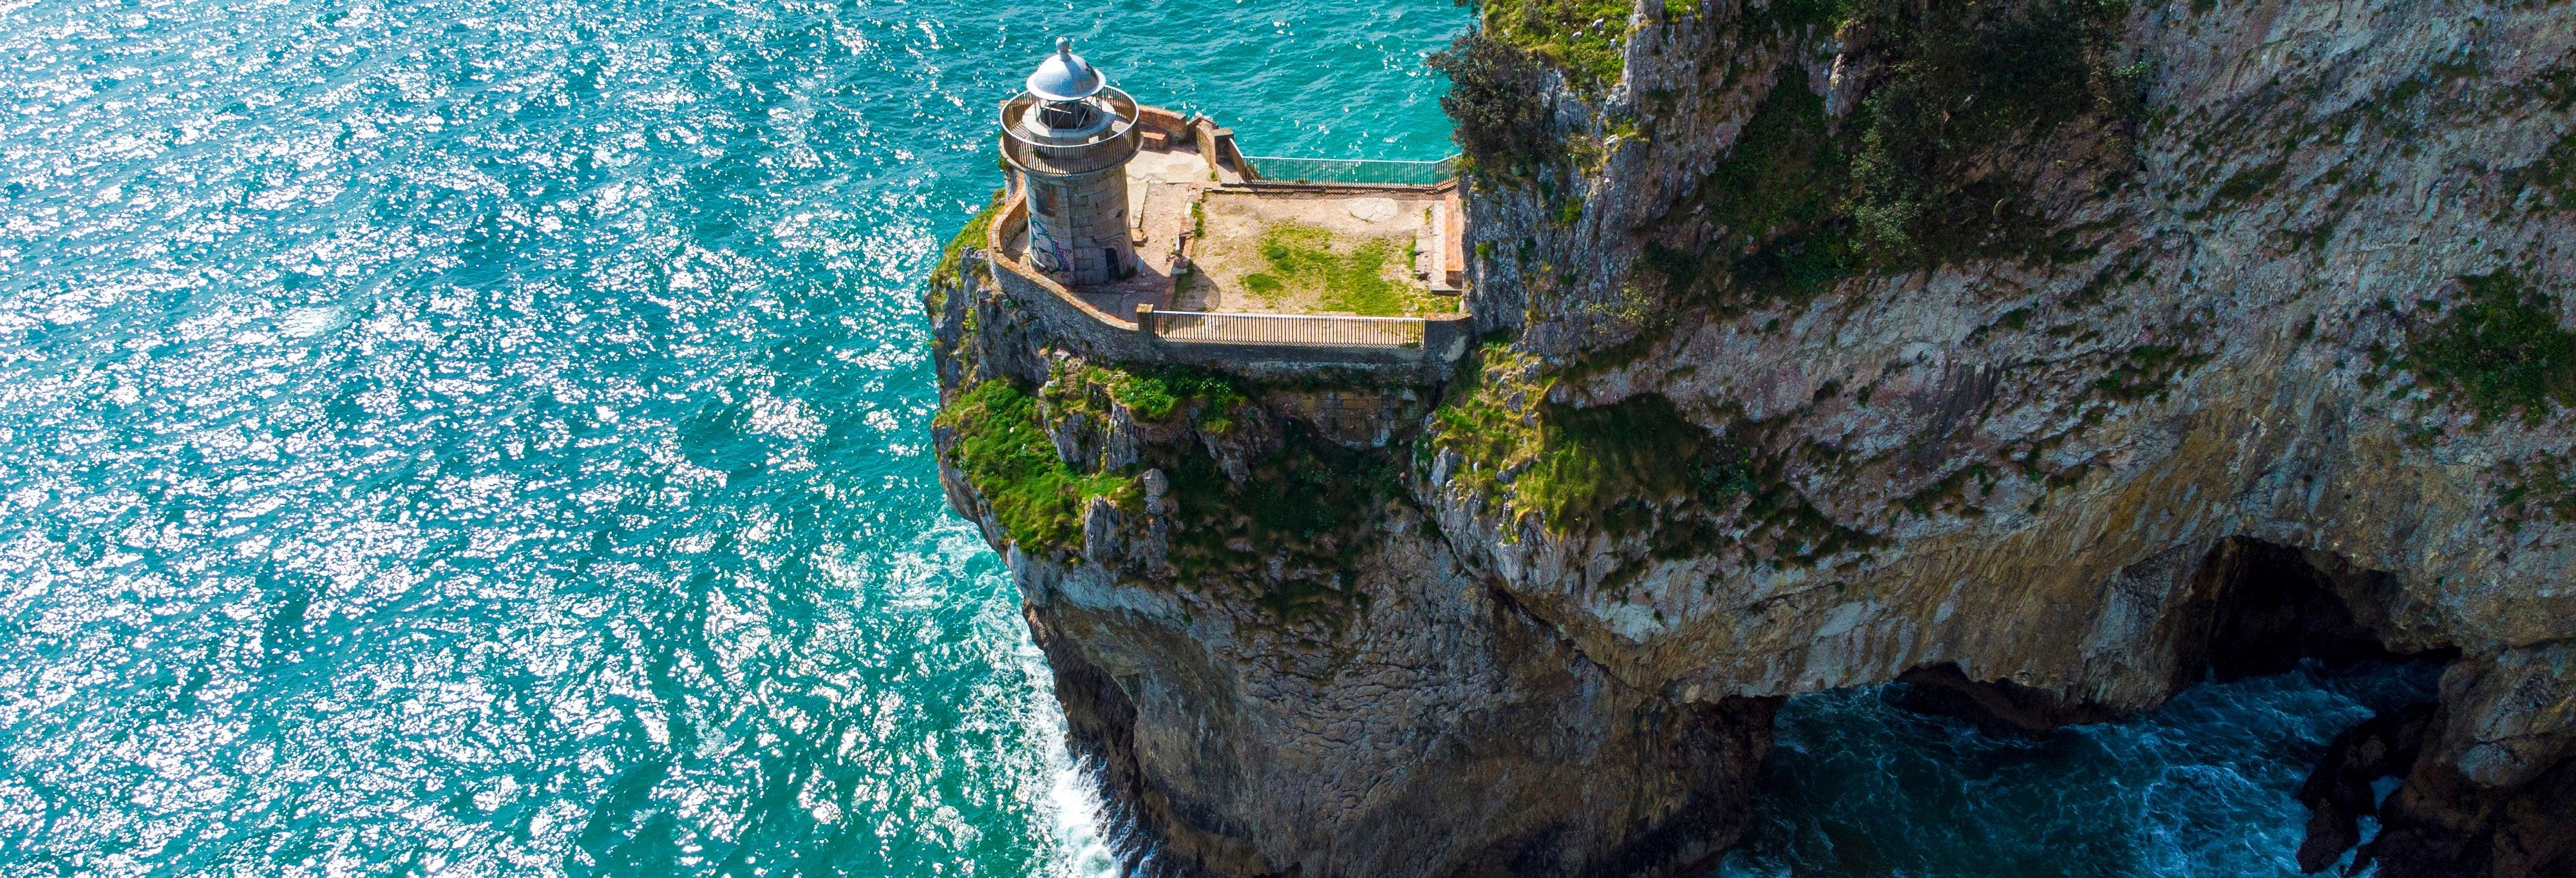 Passeio de barco pela baía de Santoña